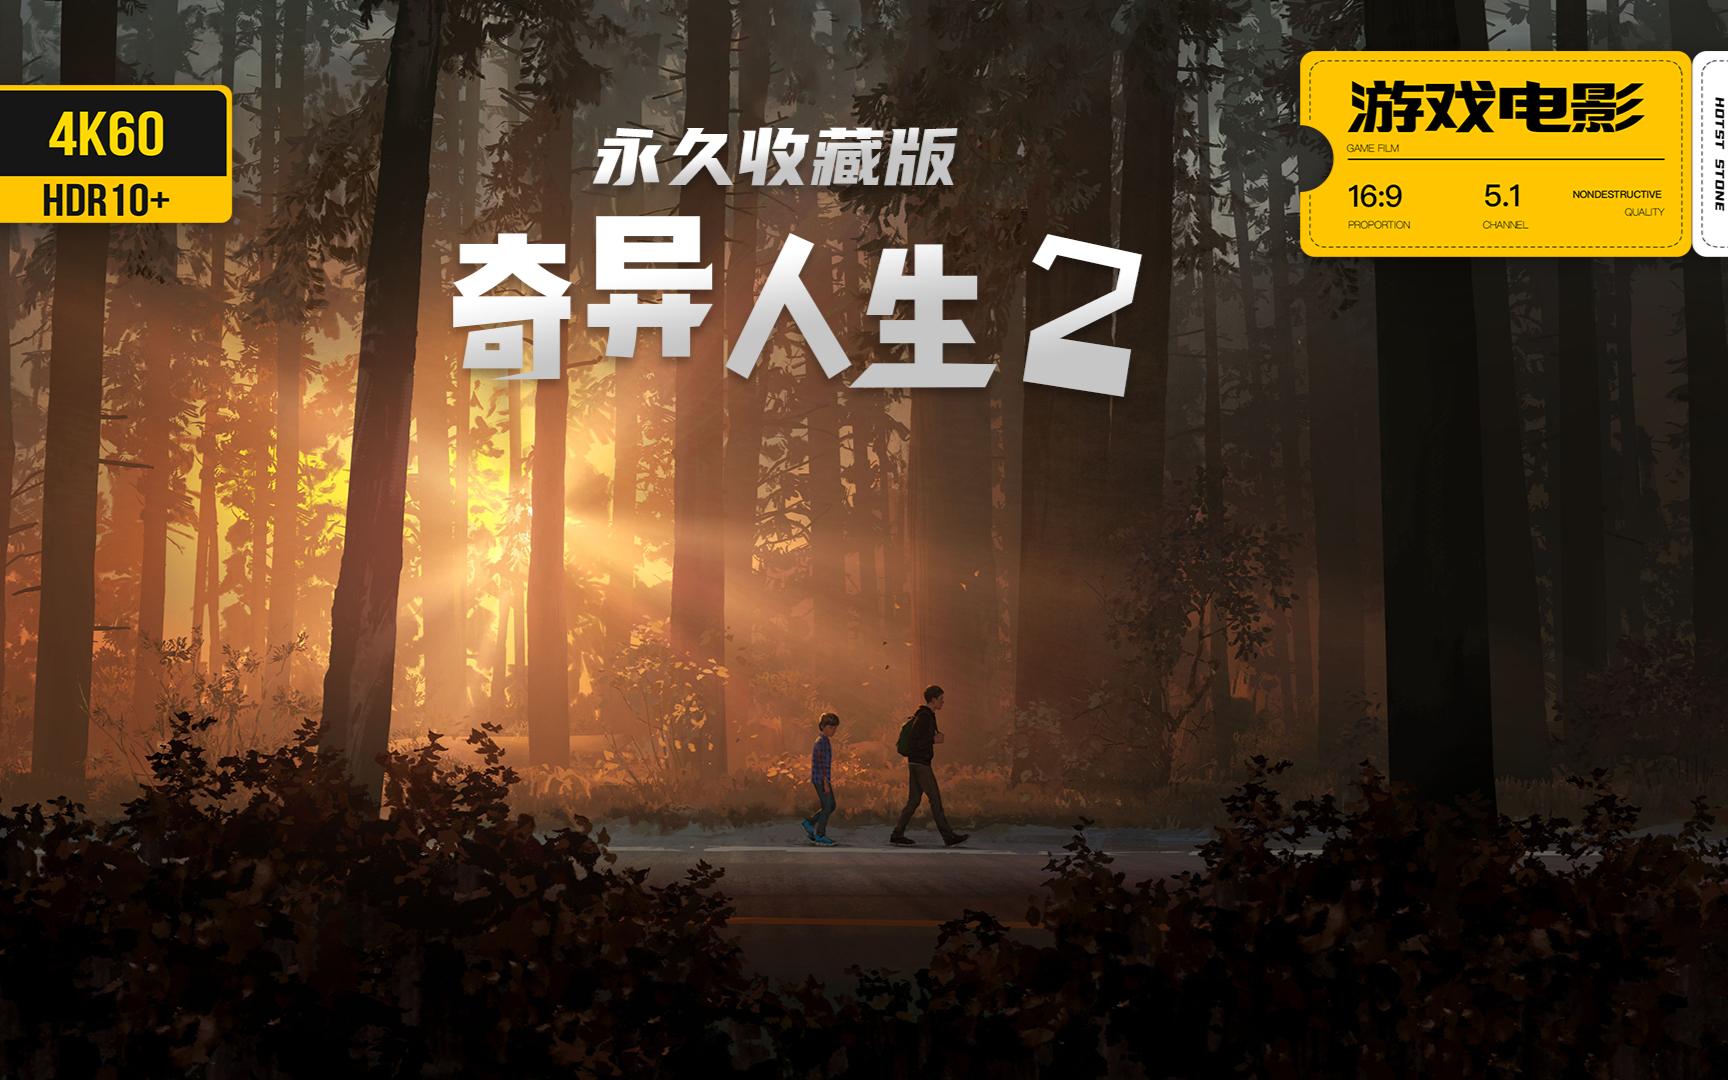 游戏美剧《奇异人生2》完整剧情 永久收藏版 4K60全特效